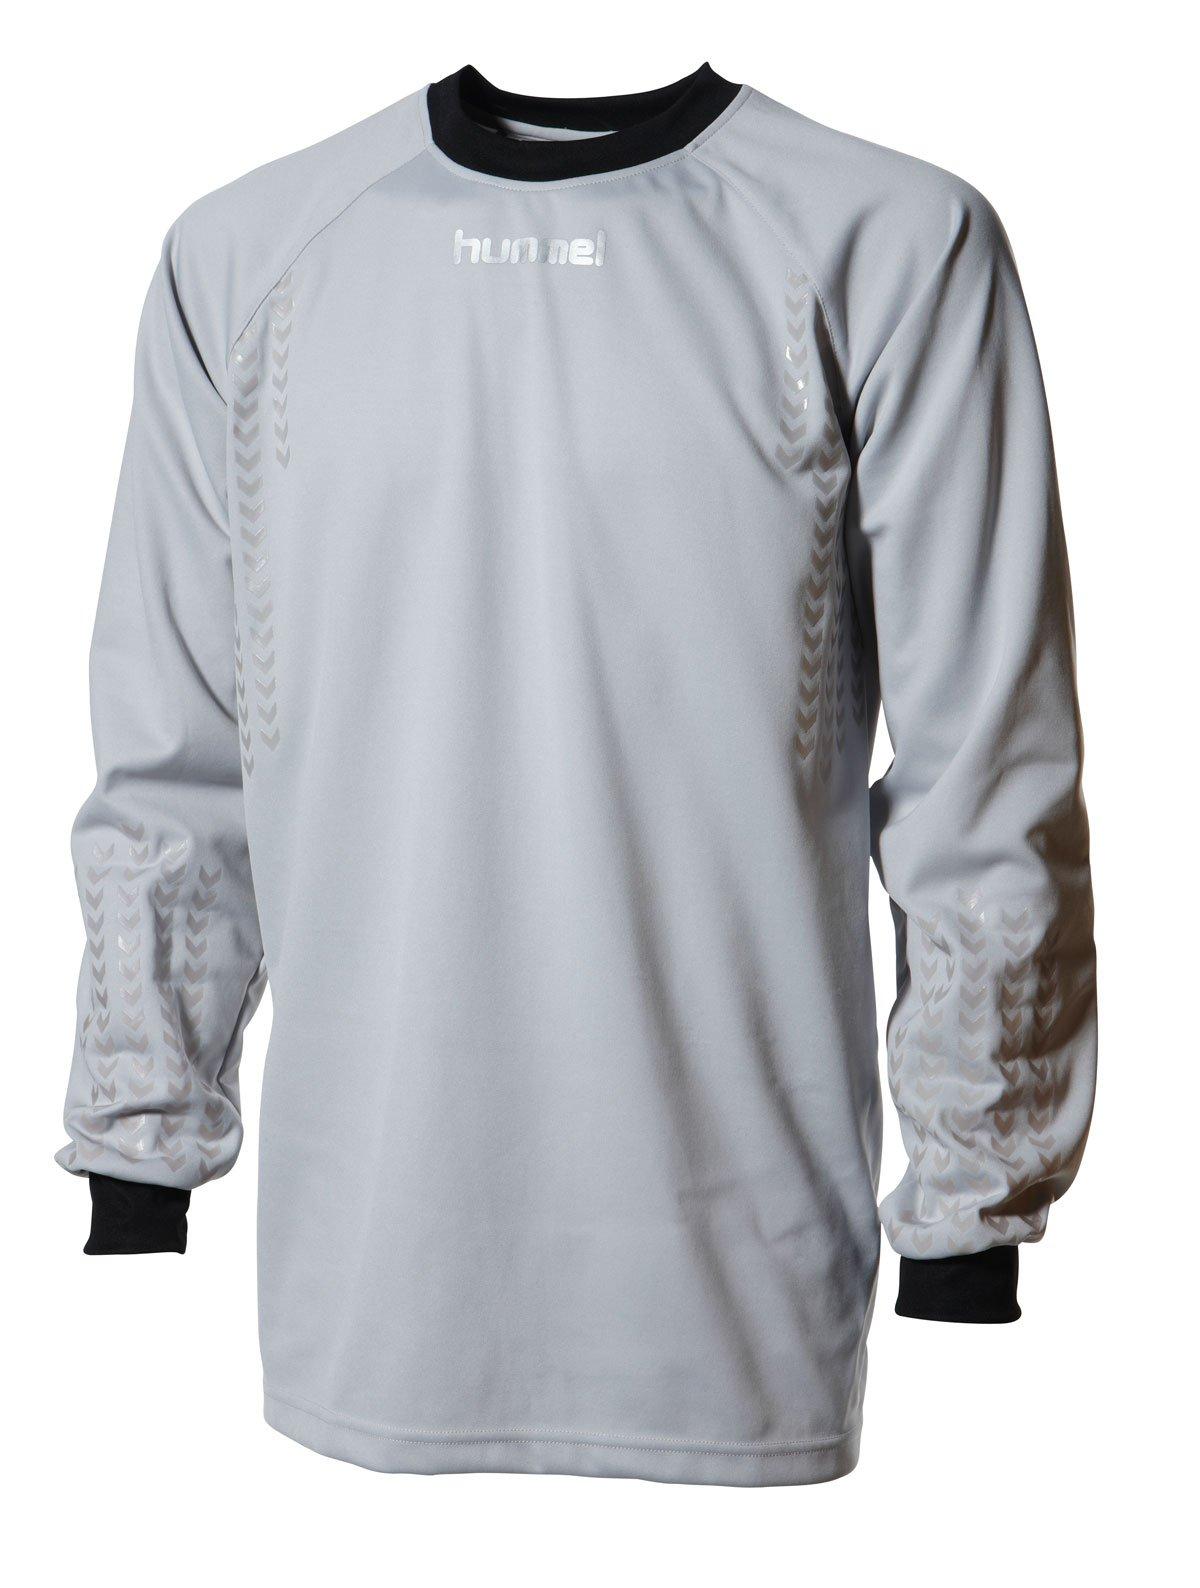 Hummel Goalkeeper Jersey